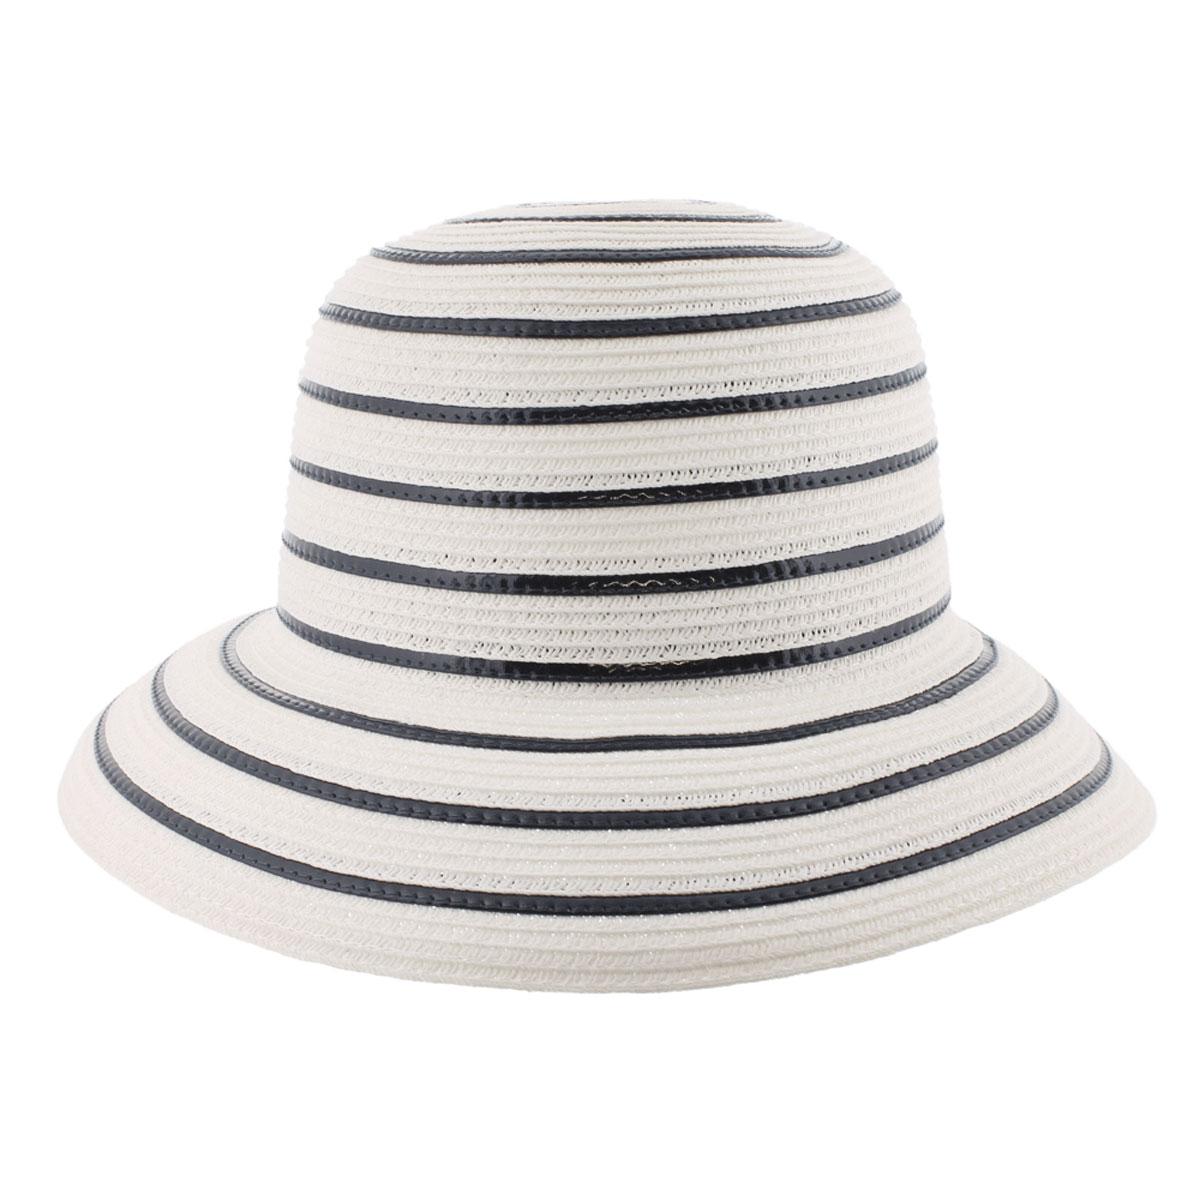 Шляпа77-139-38Летняя женская шляпа R.Mountain Romy станет незаменимым аксессуаром для пляжа и отдыха на природе. Такая шляпка не только защитит вас от солнца, но и станет стильным дополнением вашего образа. Шляпа оформлена небольшим металлическим логотипом фирмы в морской тематике. Плетение шляпы обеспечивает необходимую вентиляцию и комфорт даже в самый знойный день. Шляпа легко восстанавливает свою форму после сжатия. Эта элегантная легкая шляпка подчеркнет вашу неповторимость и дополнит ваш повседневный образ.